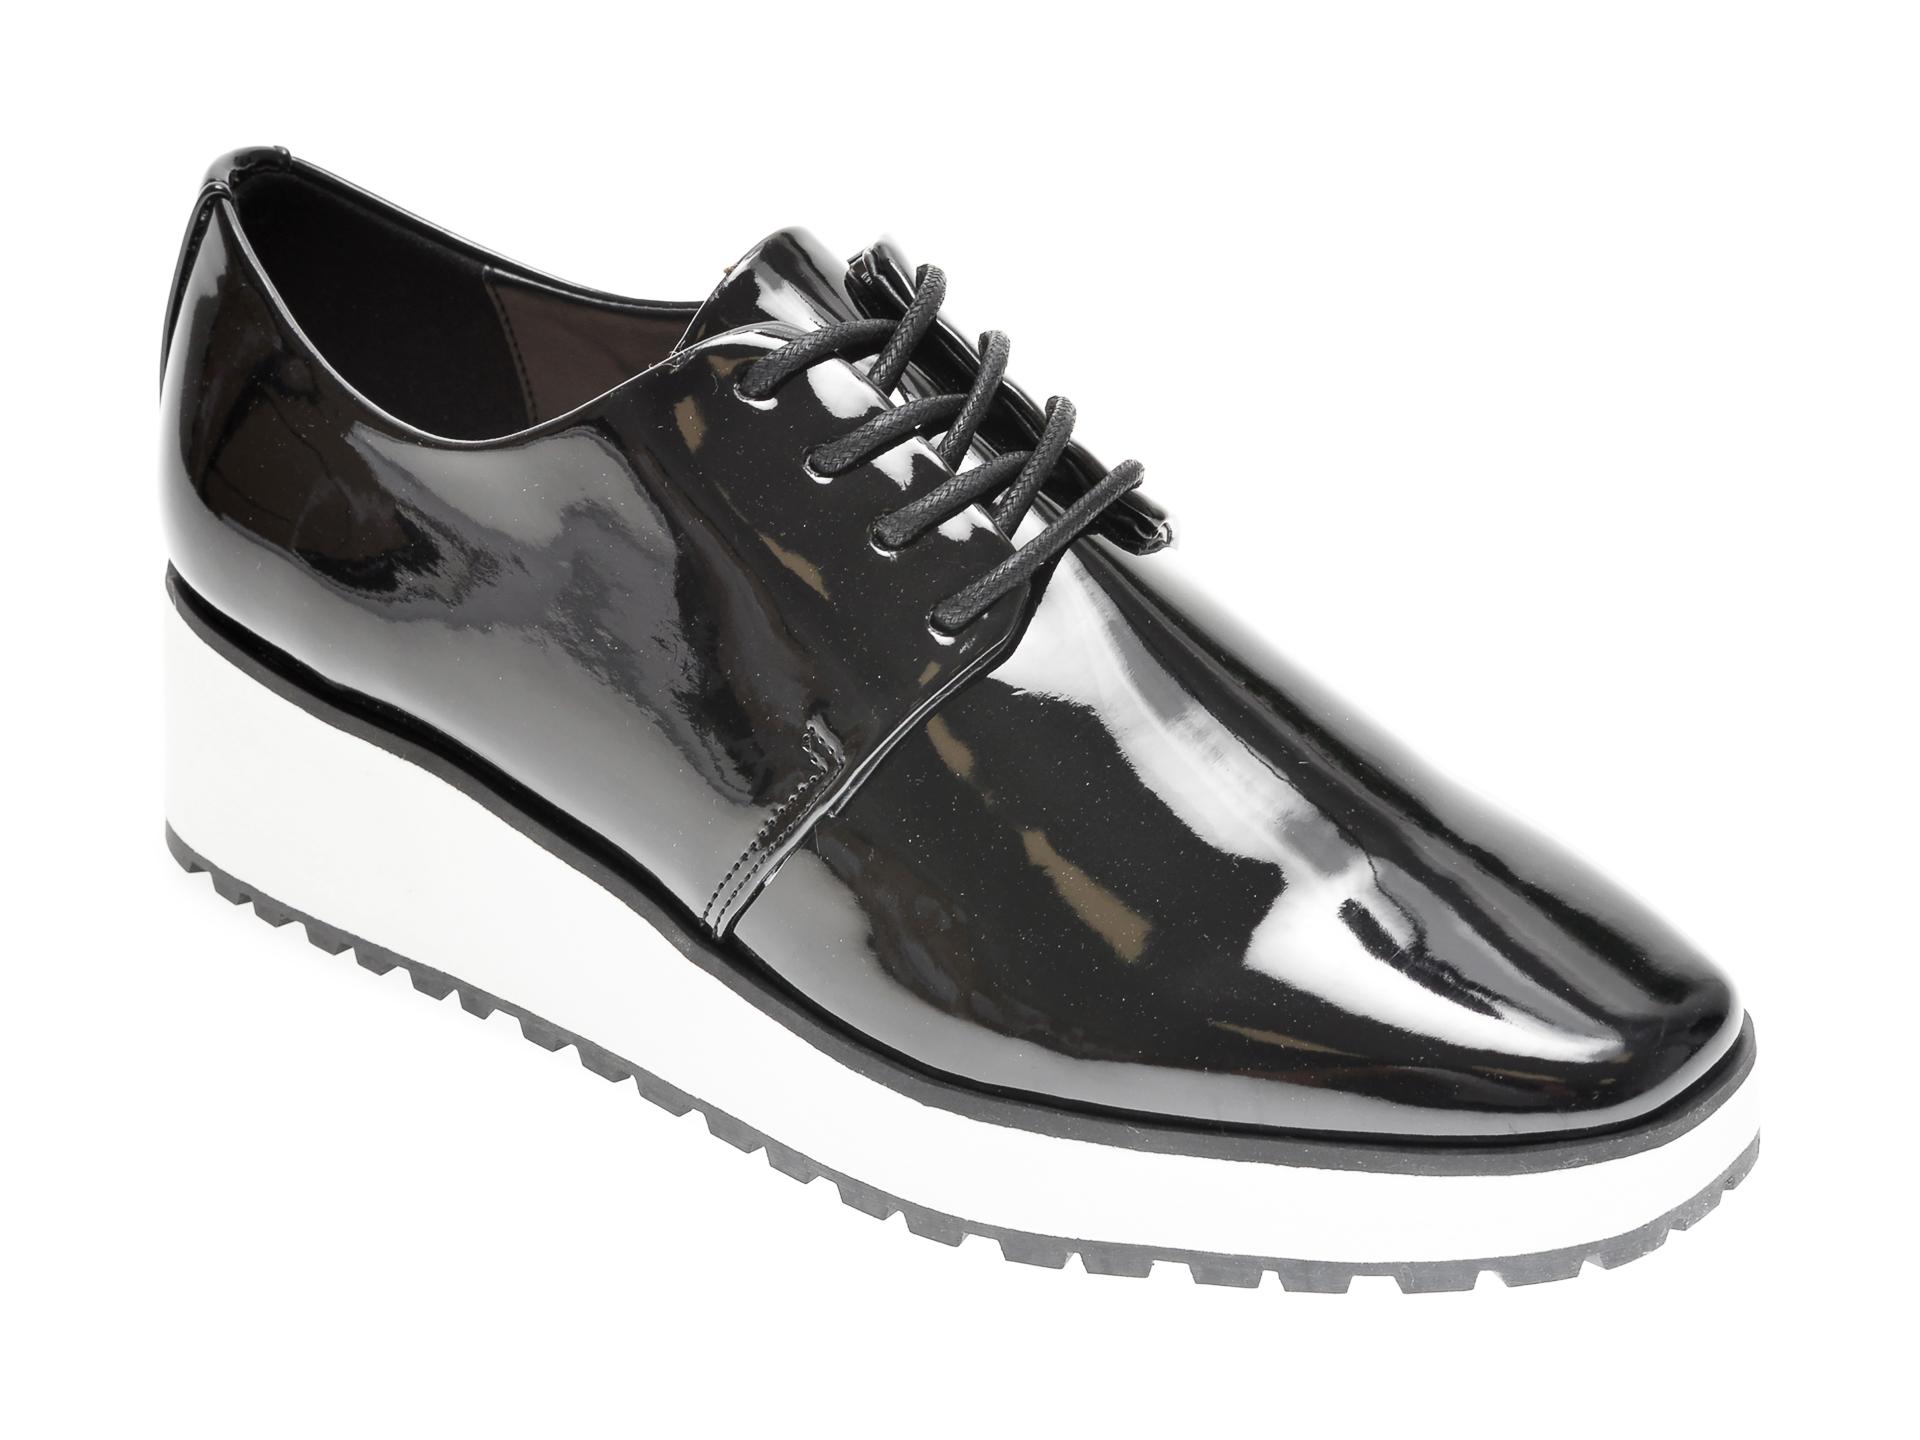 Pantofi ALDO negri, Tux001, din piele ecologica imagine